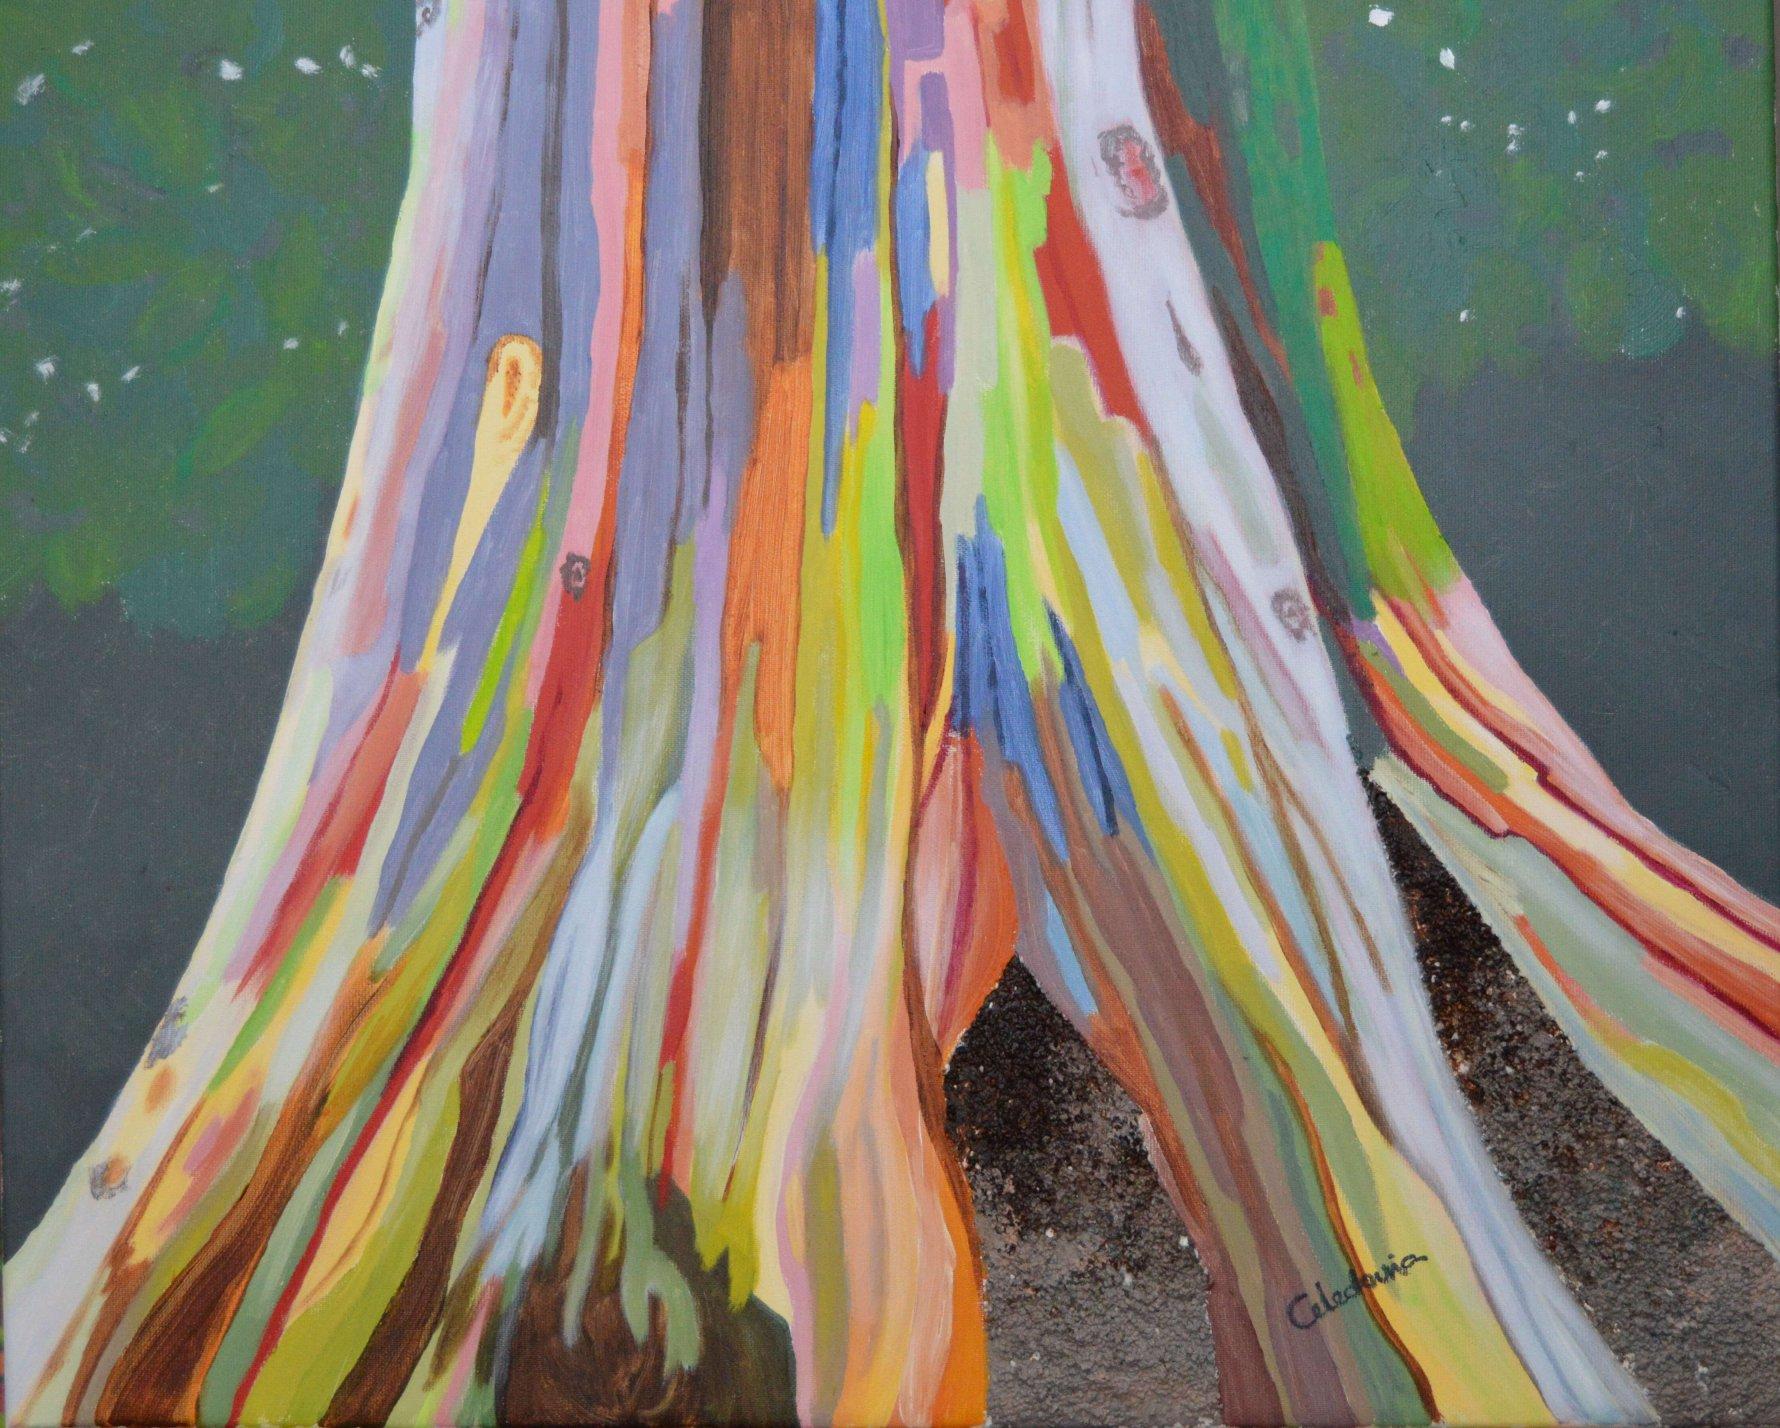 Tronco arcoiris (2017) - Celedonia Ramón Muro